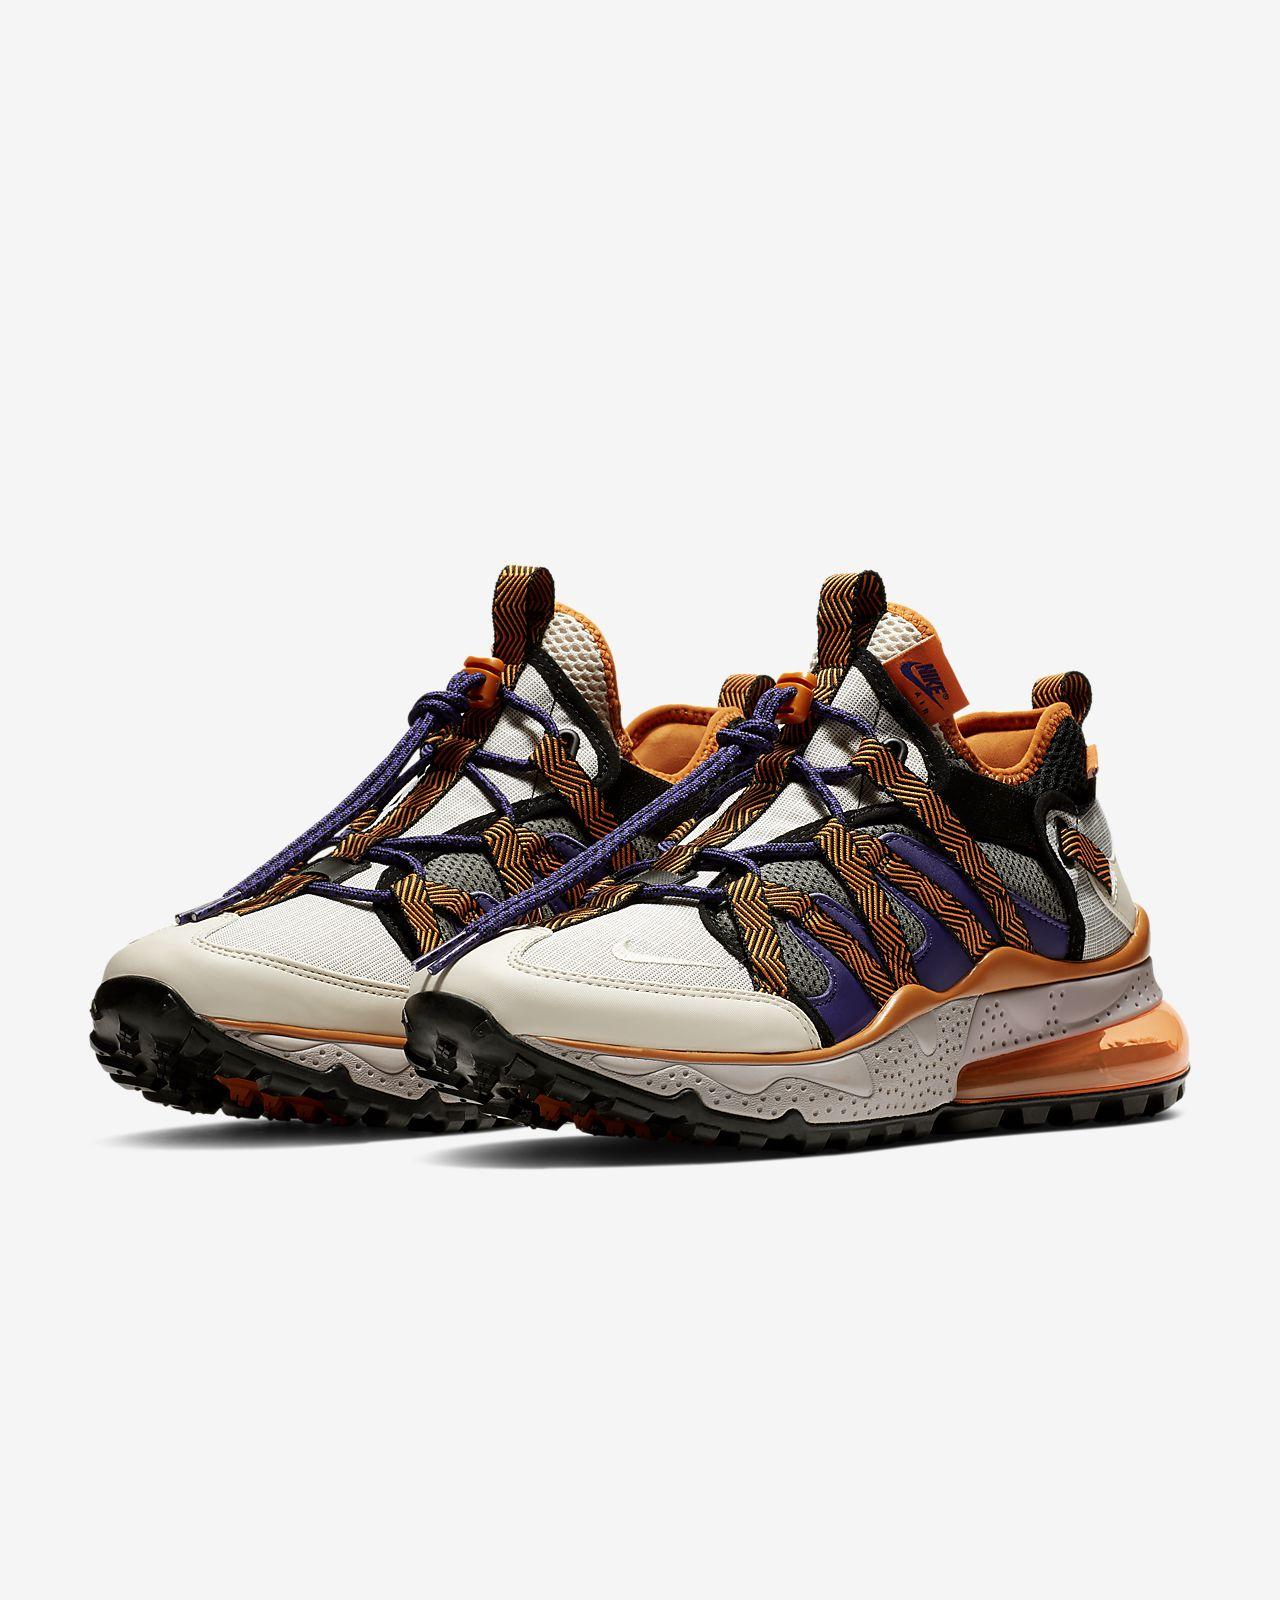 meet ae548 829b1 ... Nike Air Max 270 Bowfin Men s Shoe